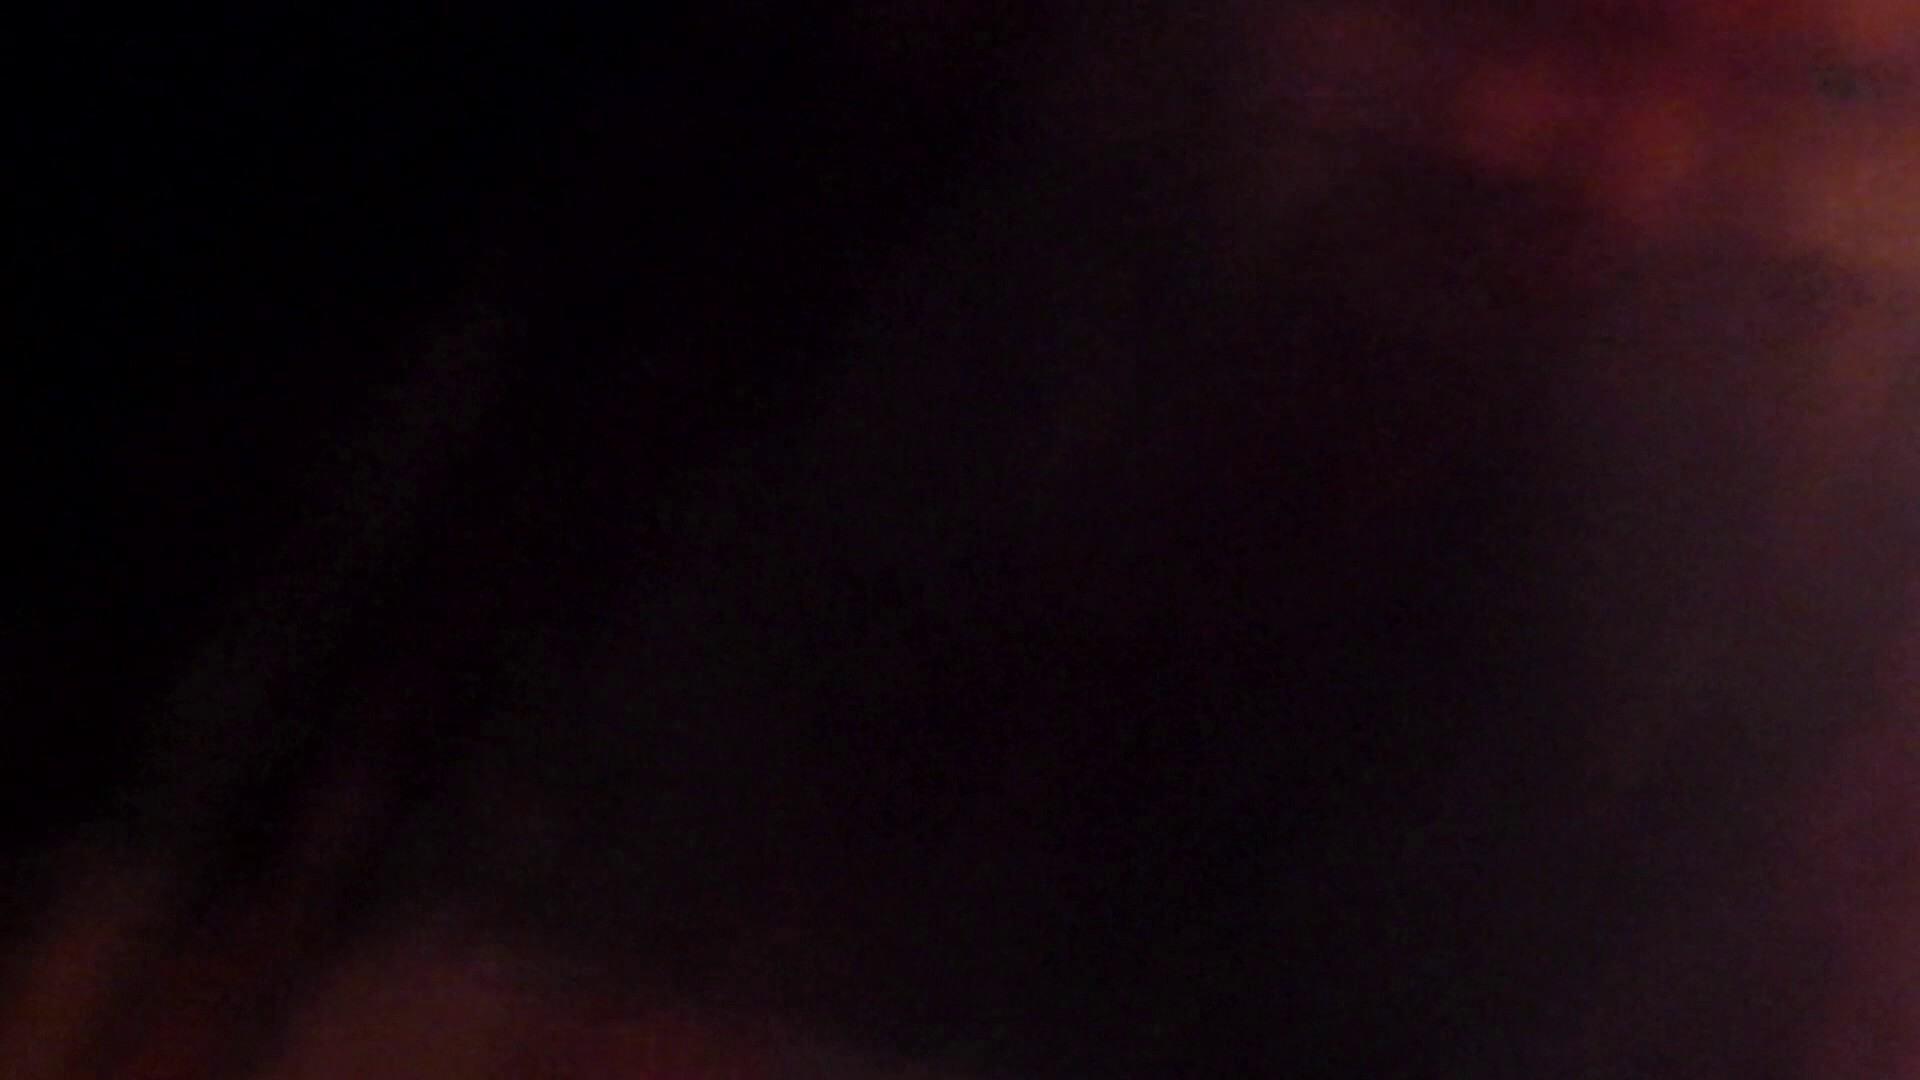 ▲復活限定▲マンコ丸見え!花火大会潜入撮 Vol.02 明るい場所に移動! ギャル達 アダルト動画キャプチャ 112枚 65